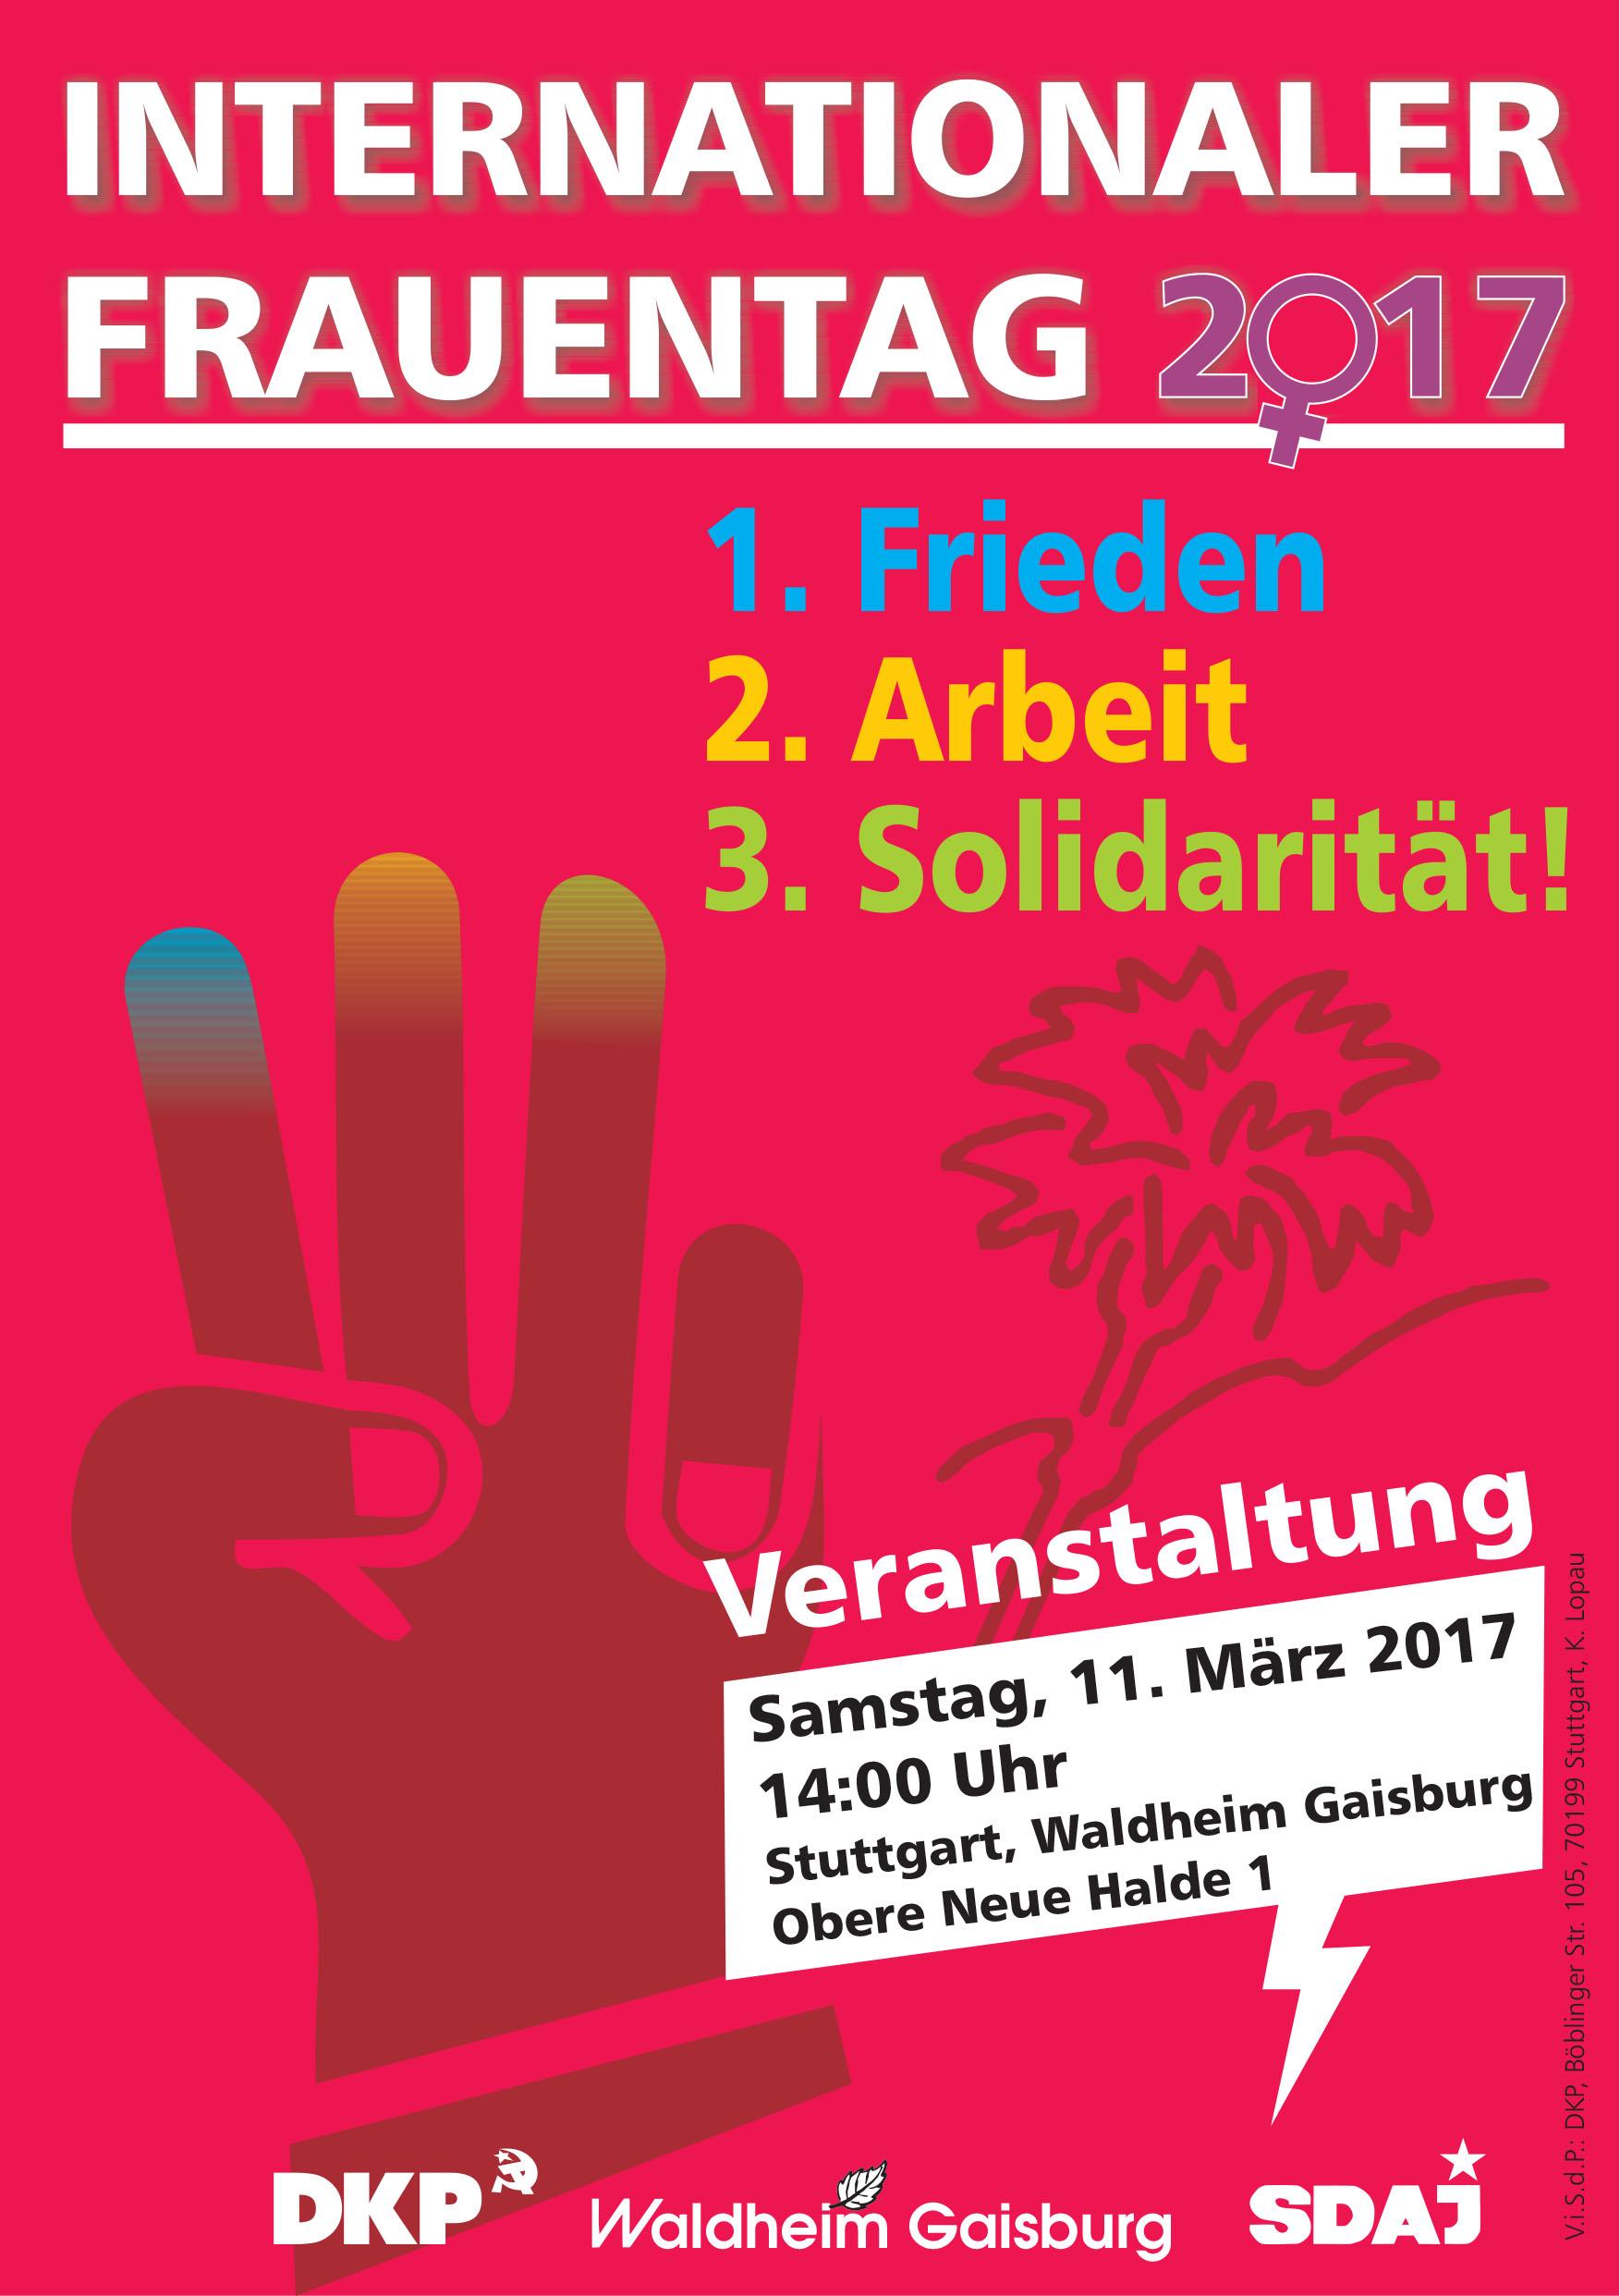 Frauentag_2017_Entwurf.cdr